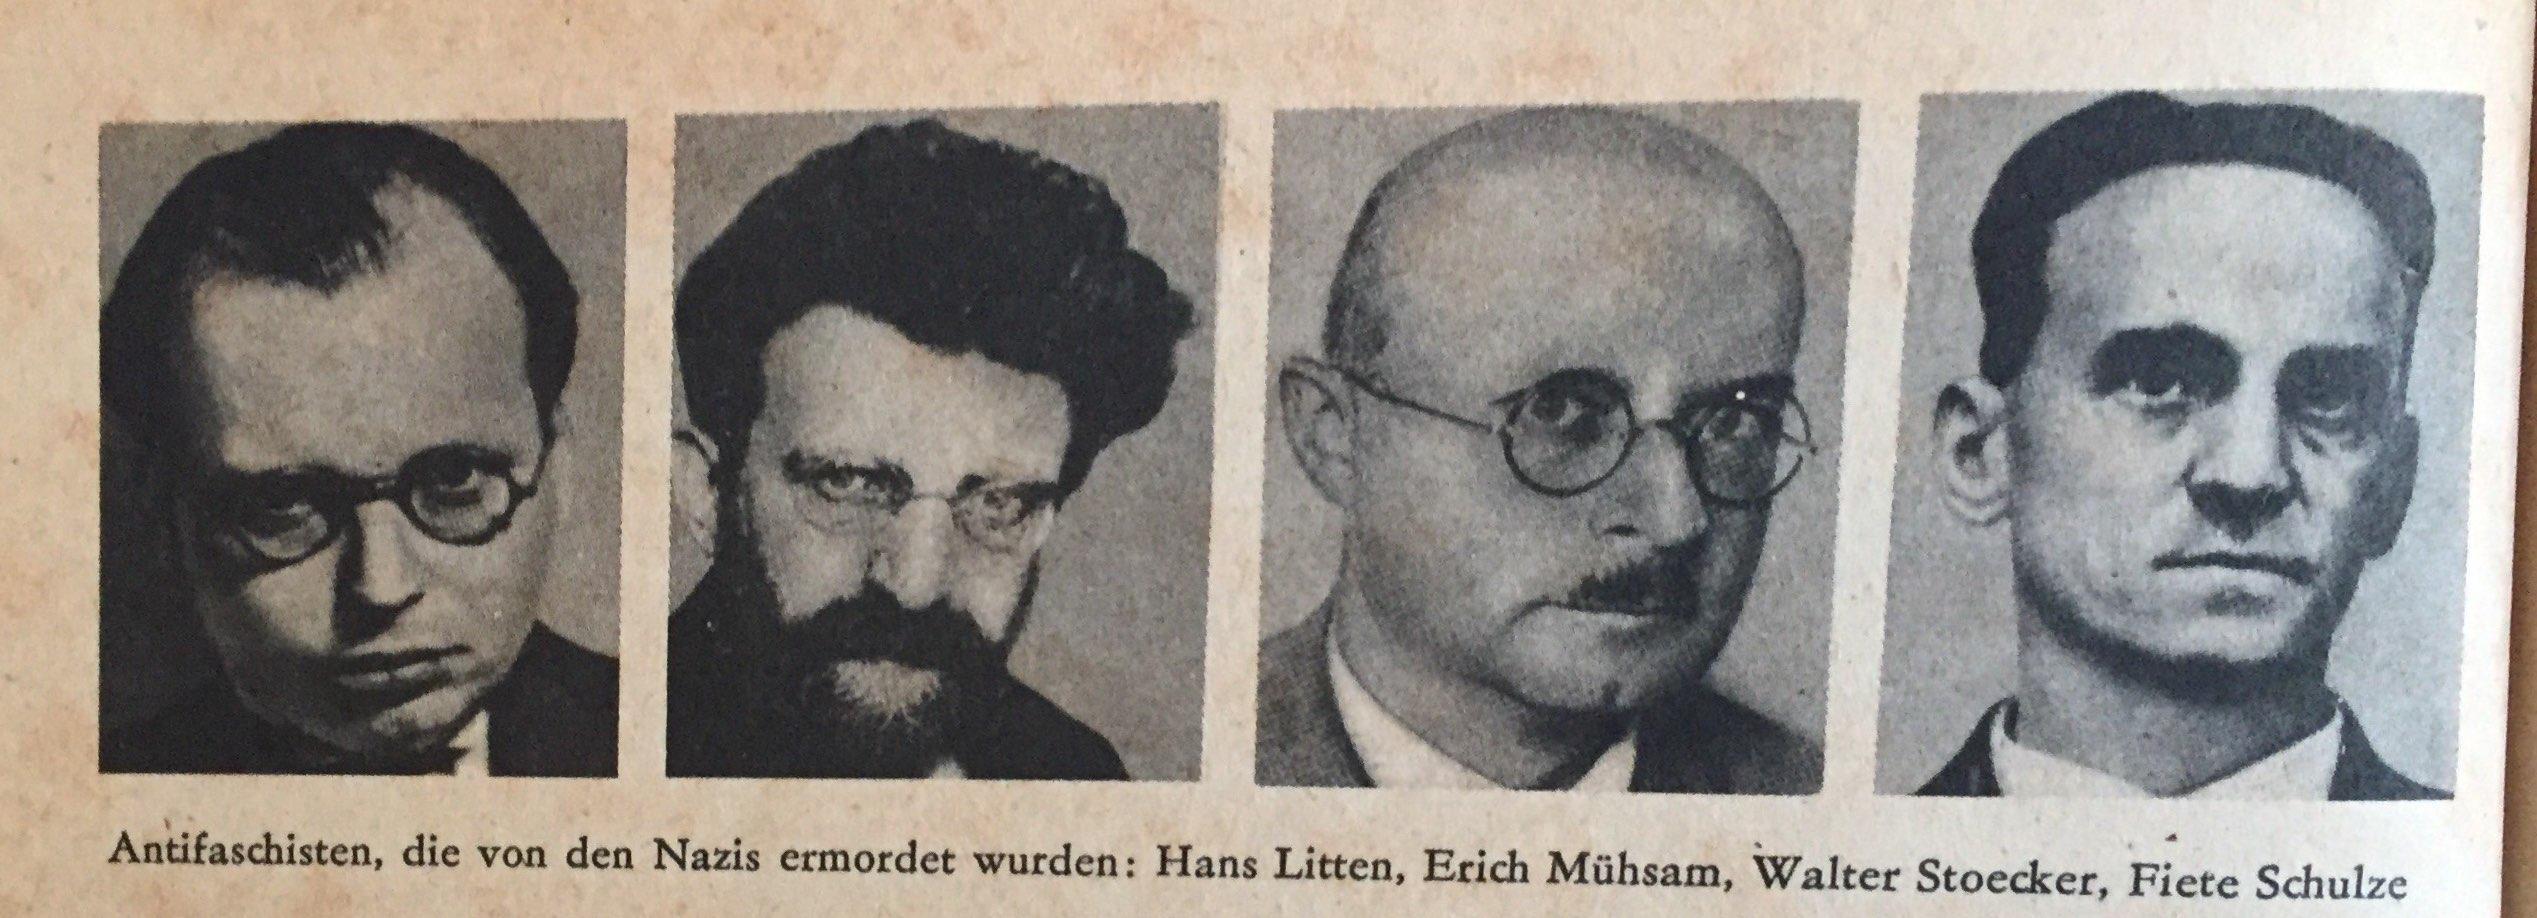 Antifaschisten, die von Nazis ermordet wurden Kopie